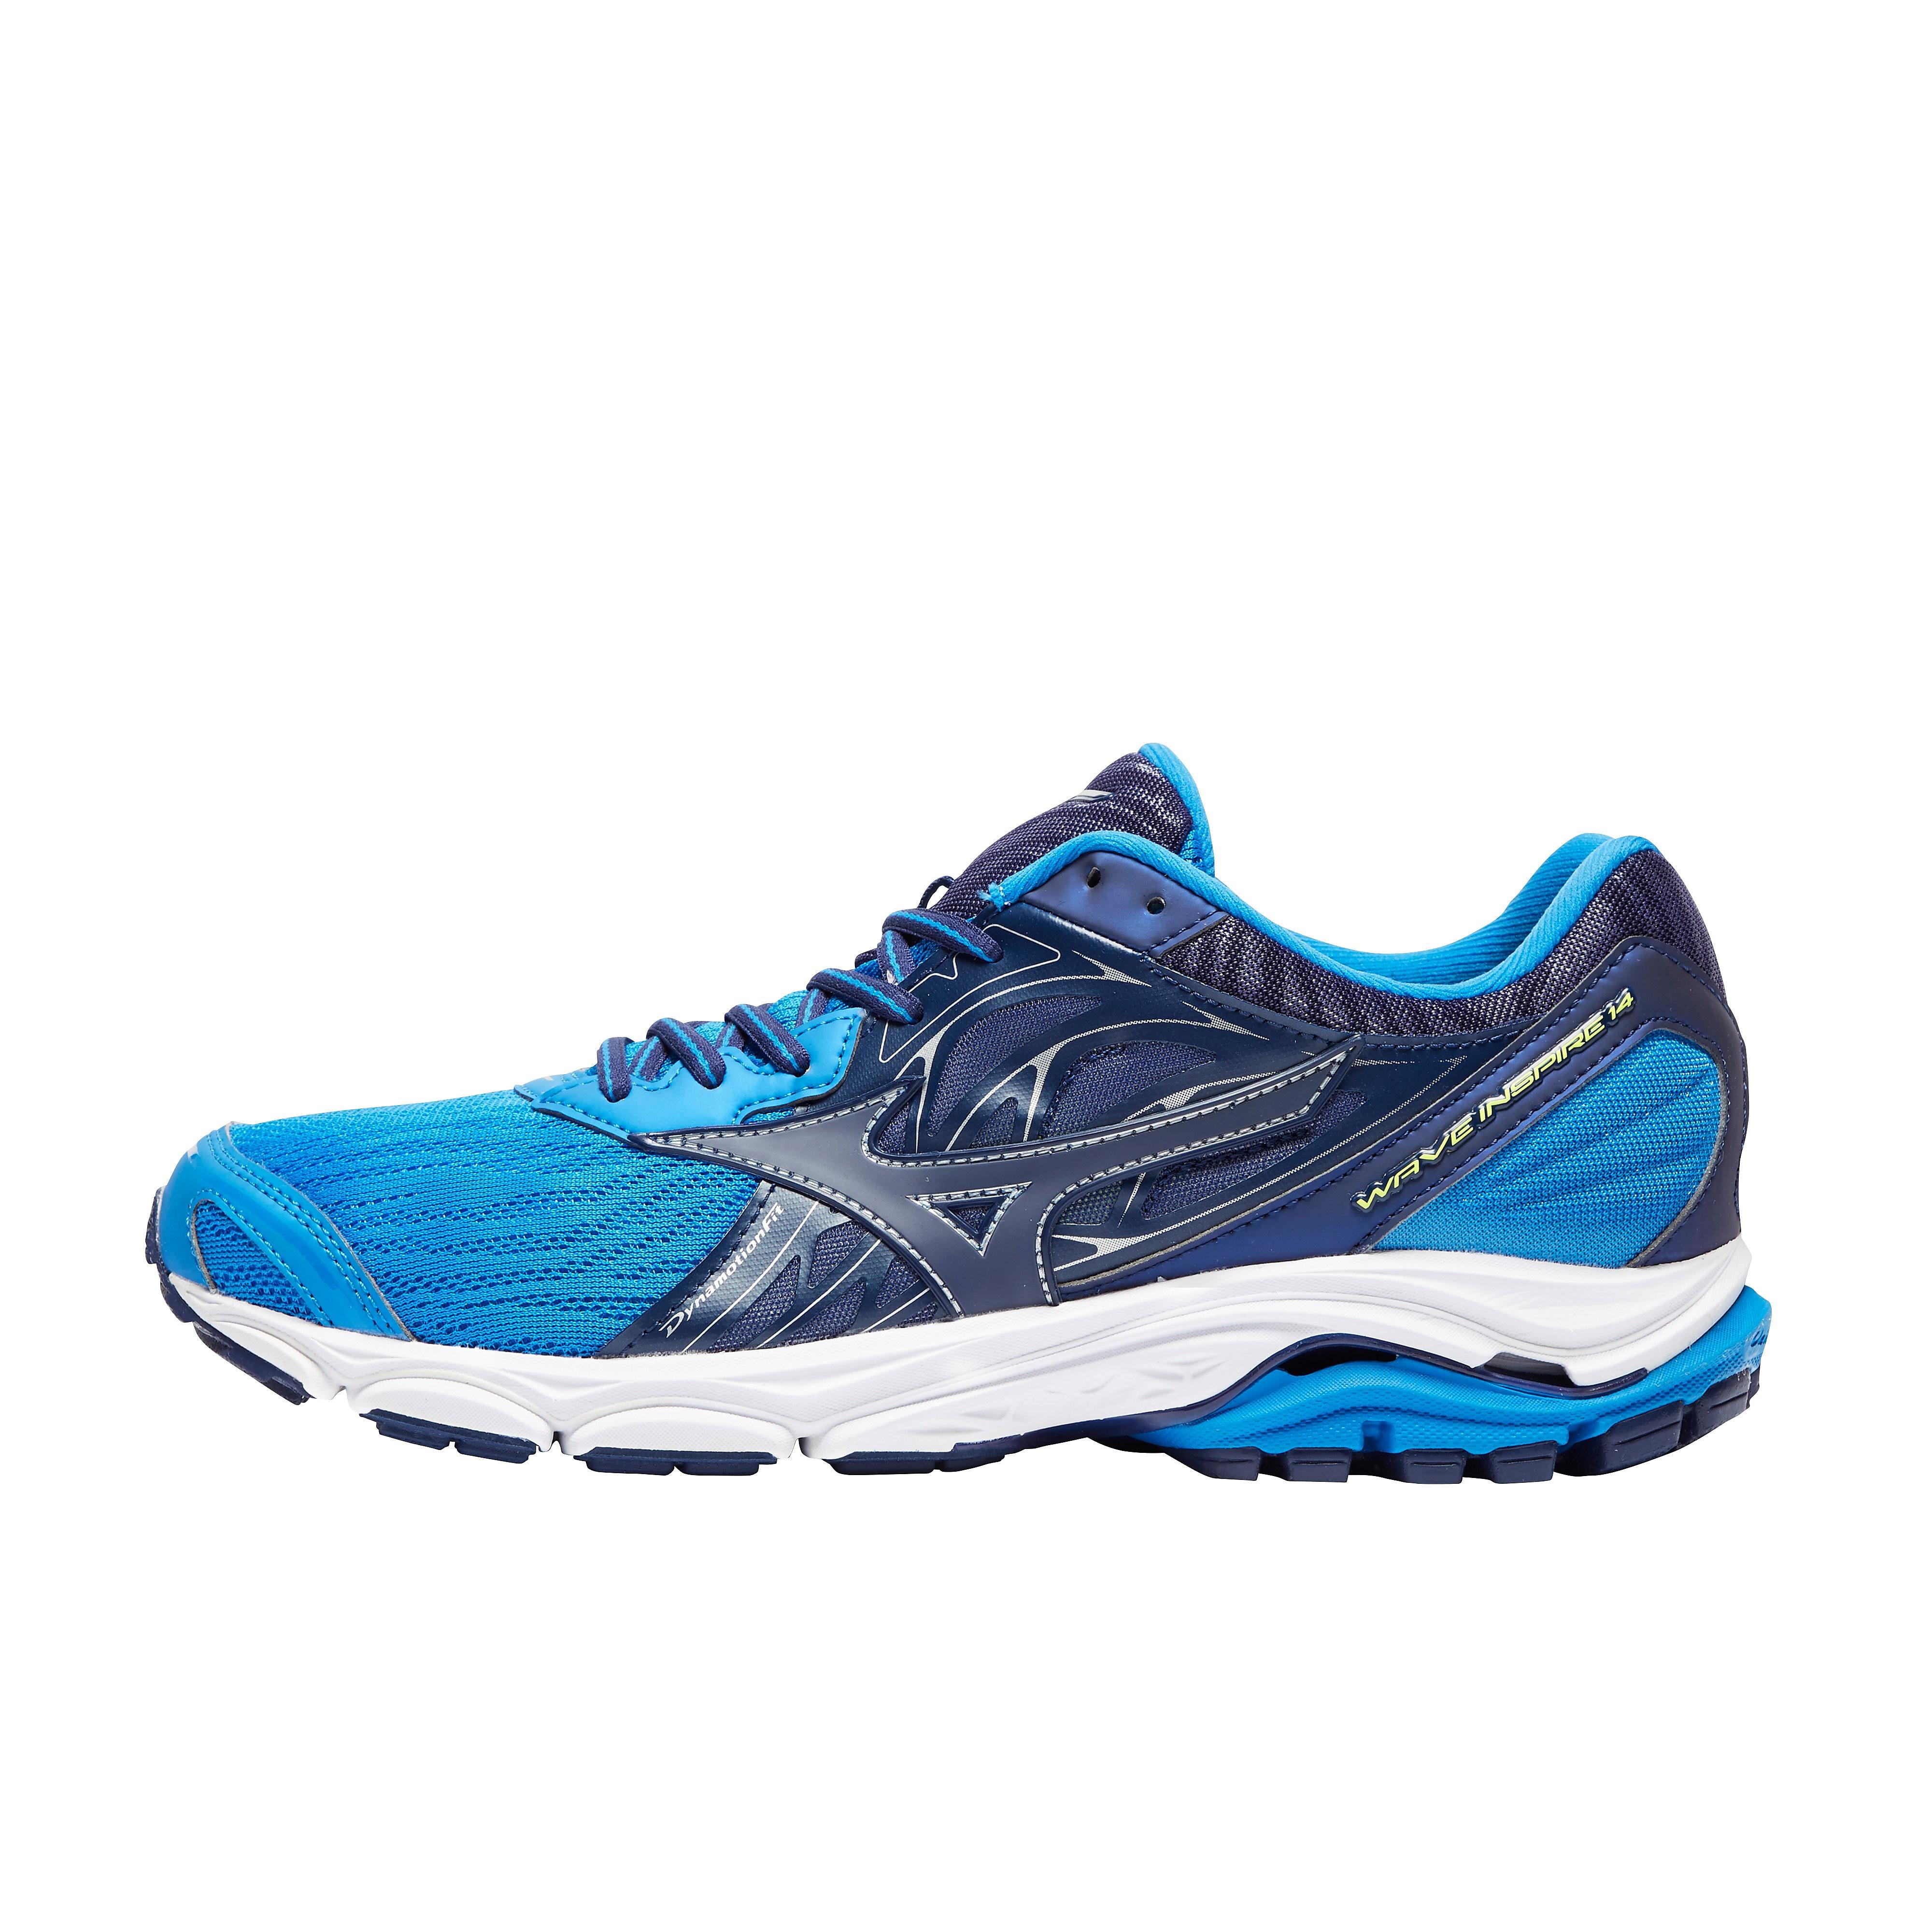 Mizuno Wave Inspire 14 Men's Running Shoe